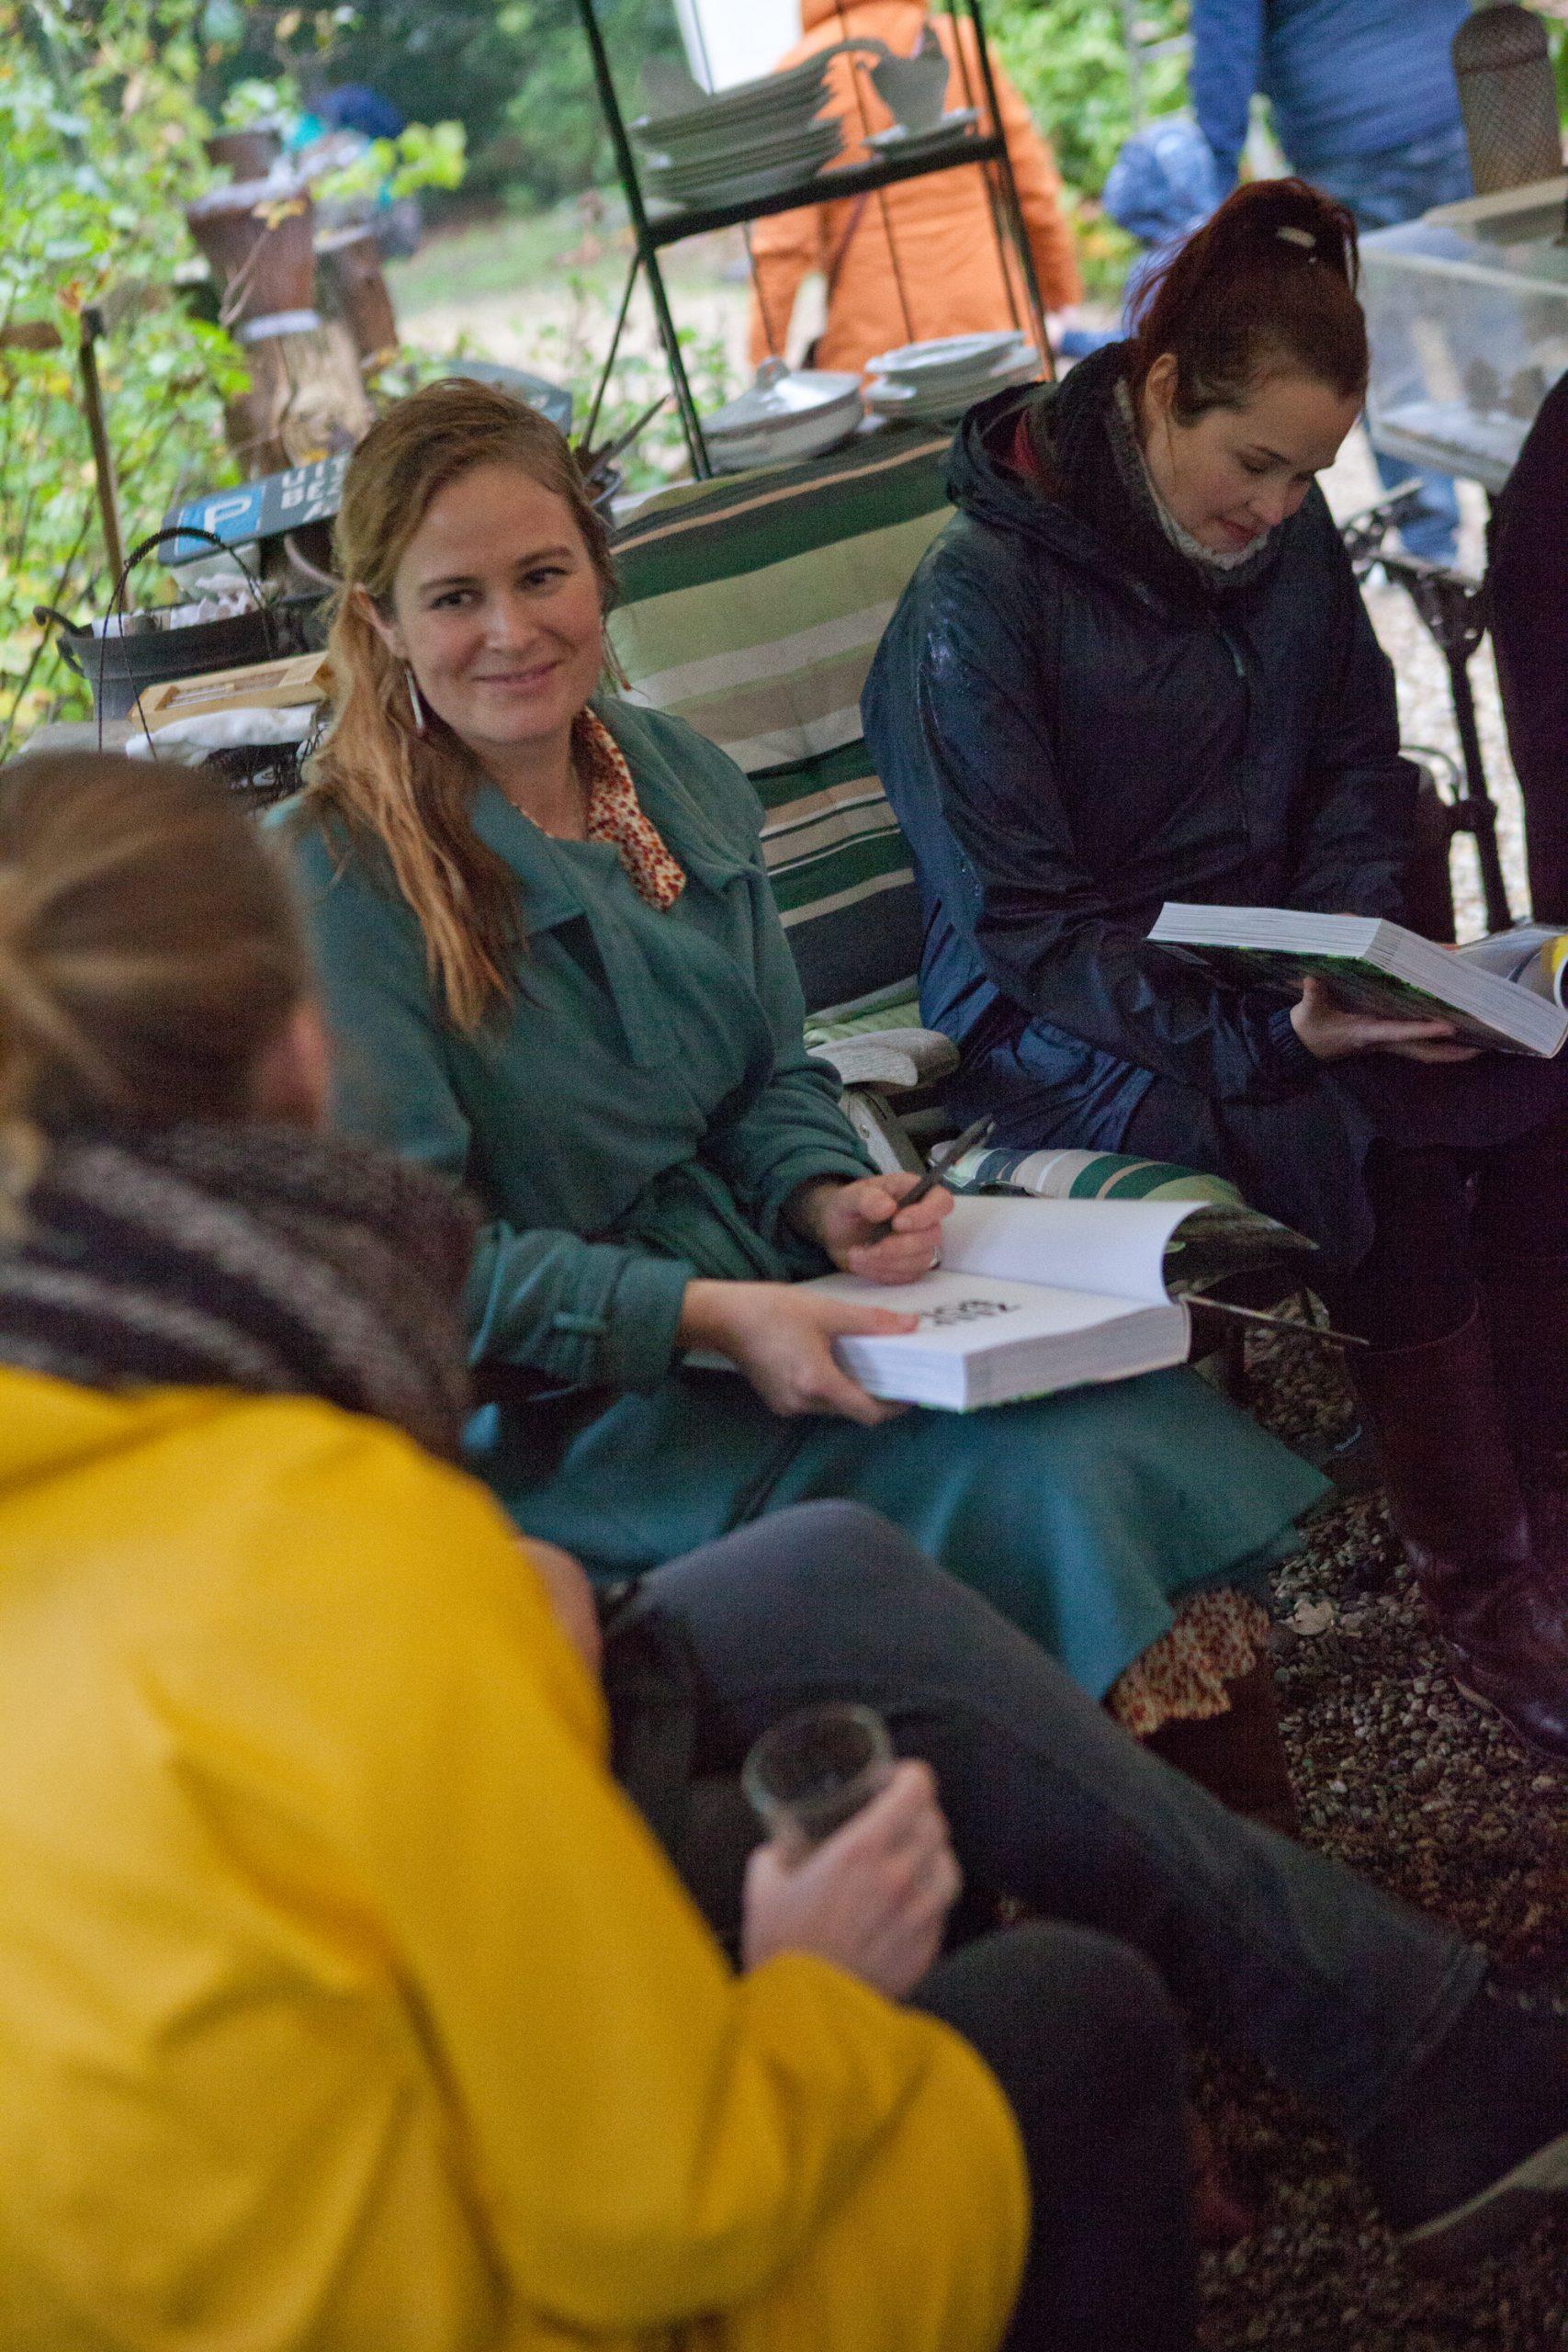 Werfzeep Evelien schreef op aanvraag in allerlei boeken een inscriptie Zeepboek - boekpresentatie in het bos